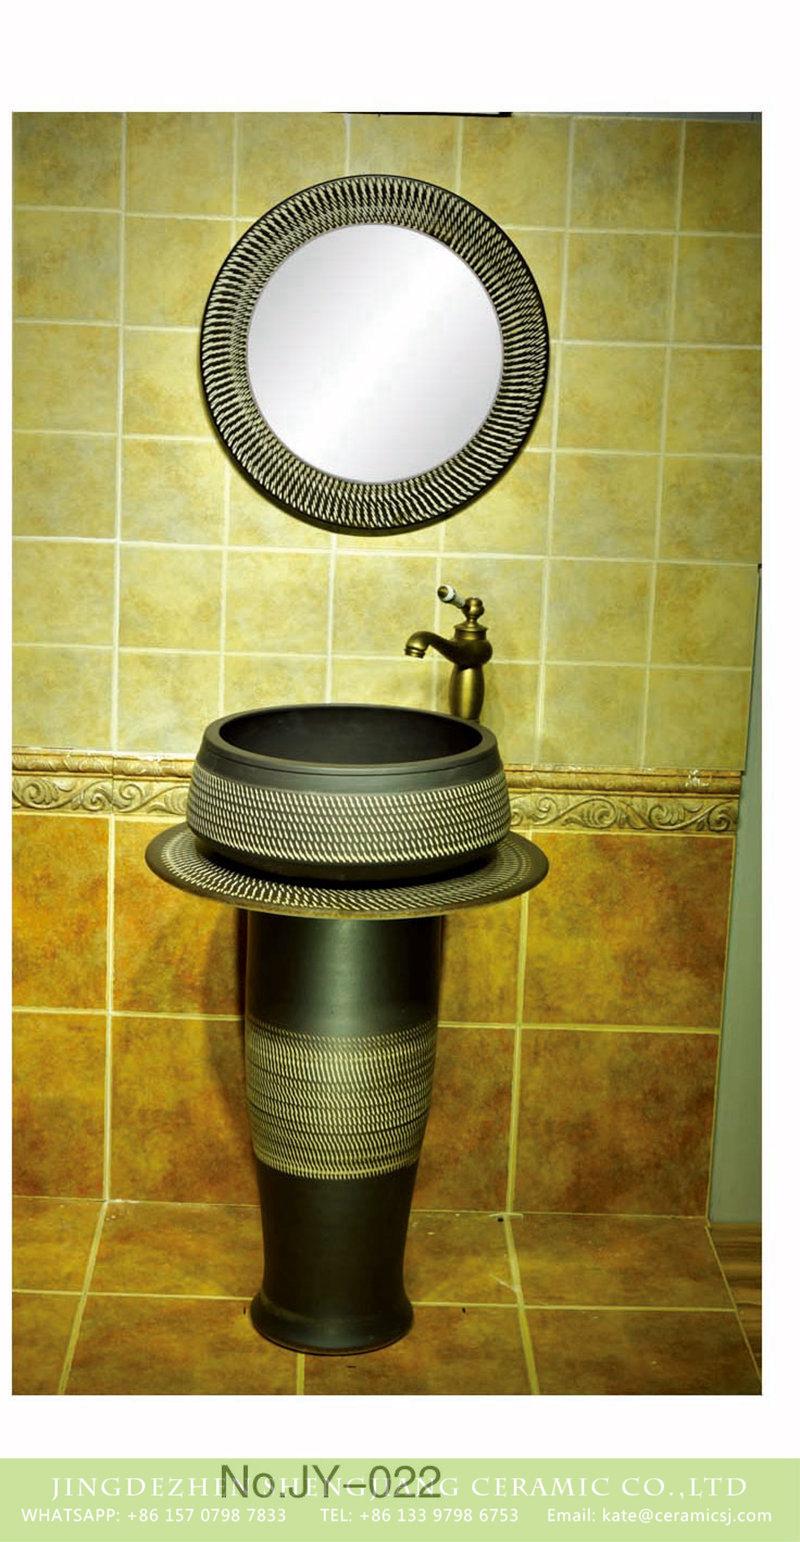 SJJY-022-68立柱盆_09 Porcelain city Jingdezhen hand carved durable ceramic black pedestal basin - shengjiang  ceramic  factory   porcelain art hand basin wash sink